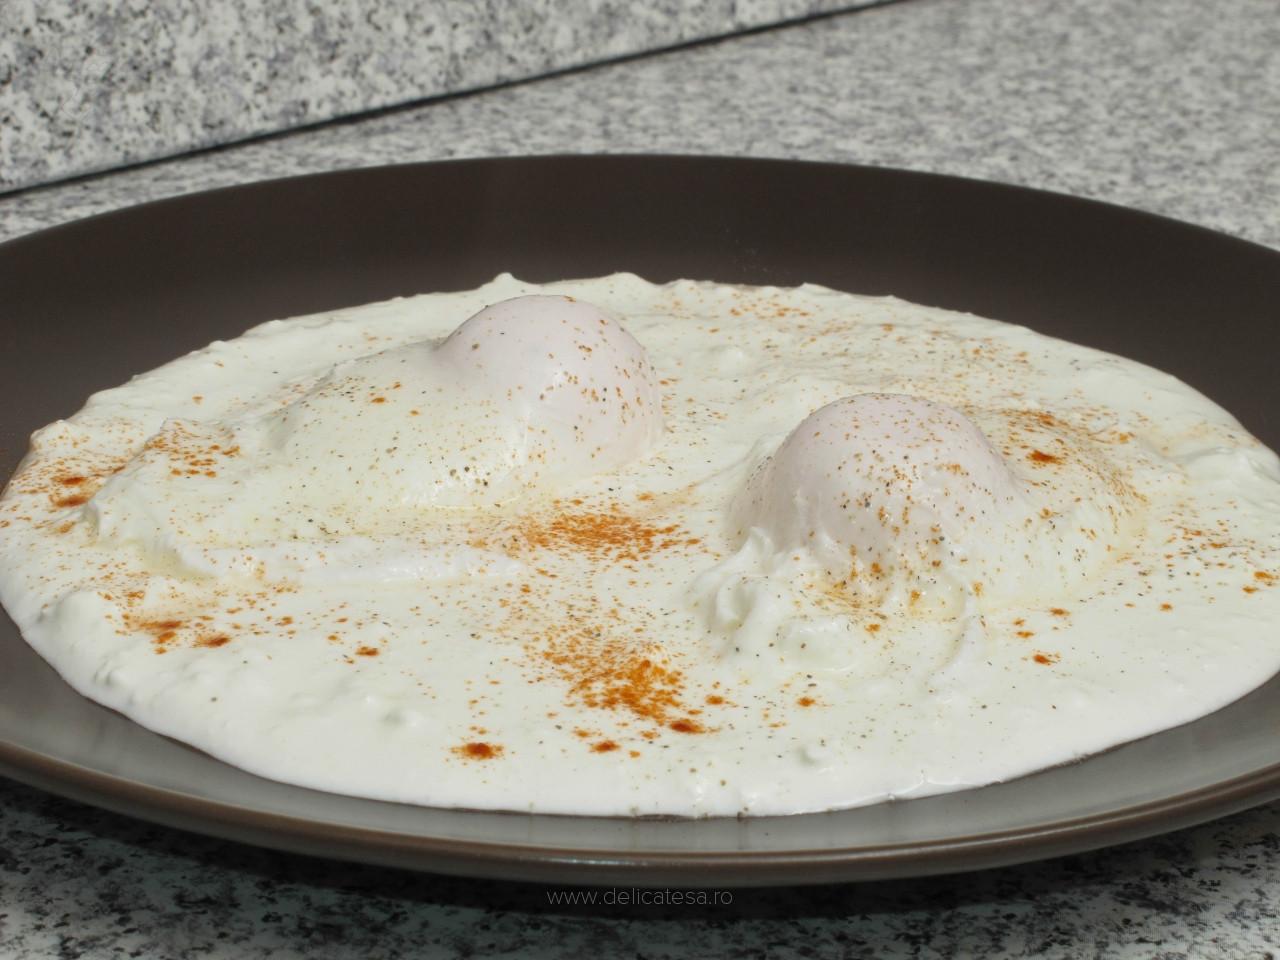 Ouă poșate pe strat de brânză